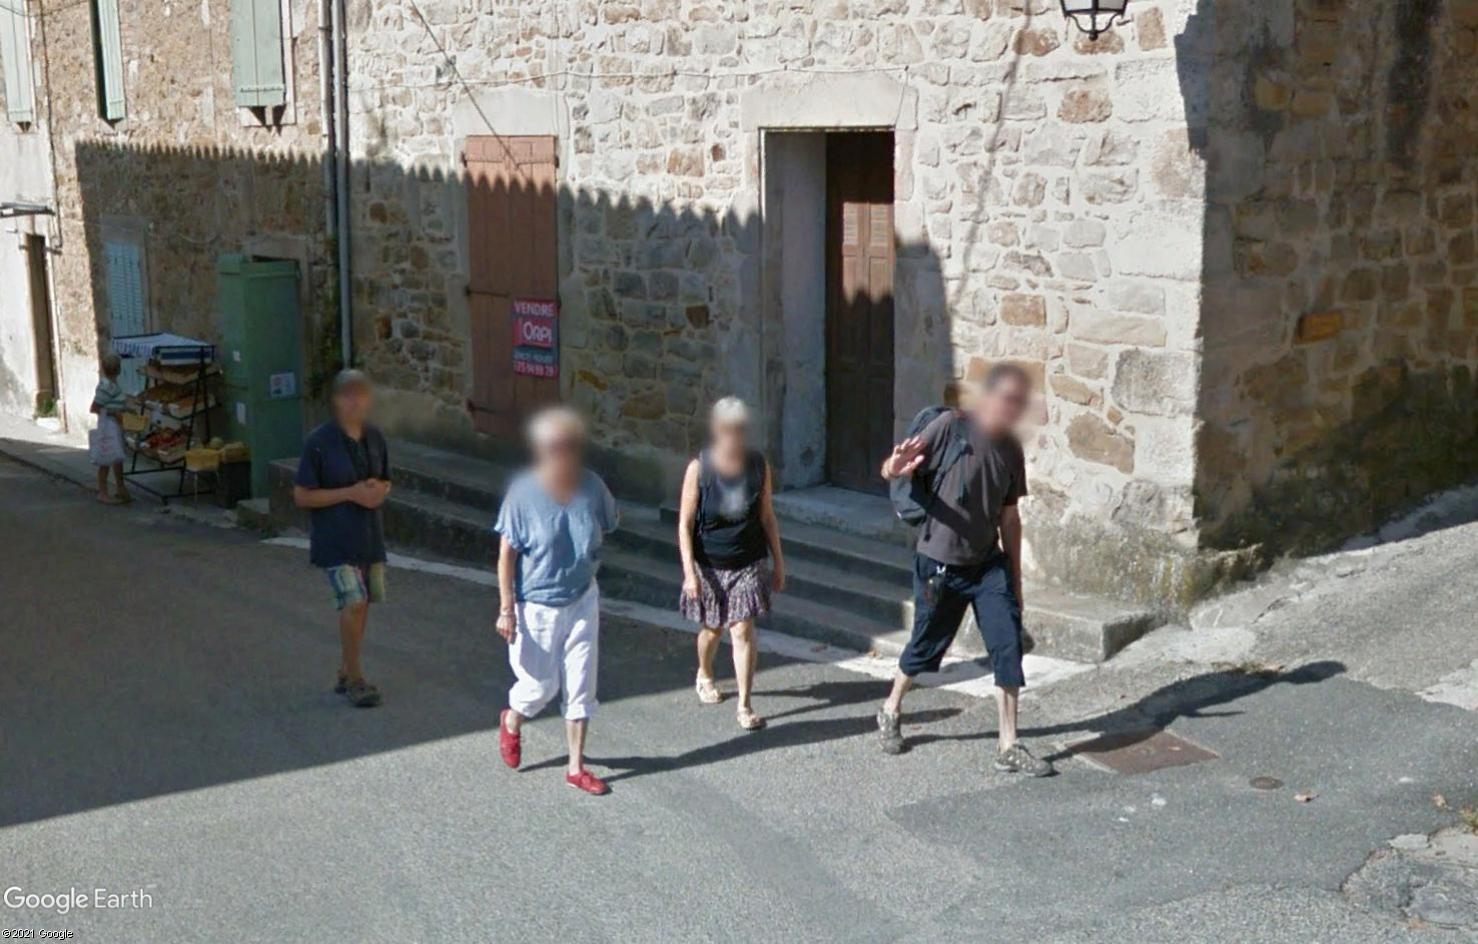 STREET VIEW : un coucou à la Google car  - Page 56 Tsge1905